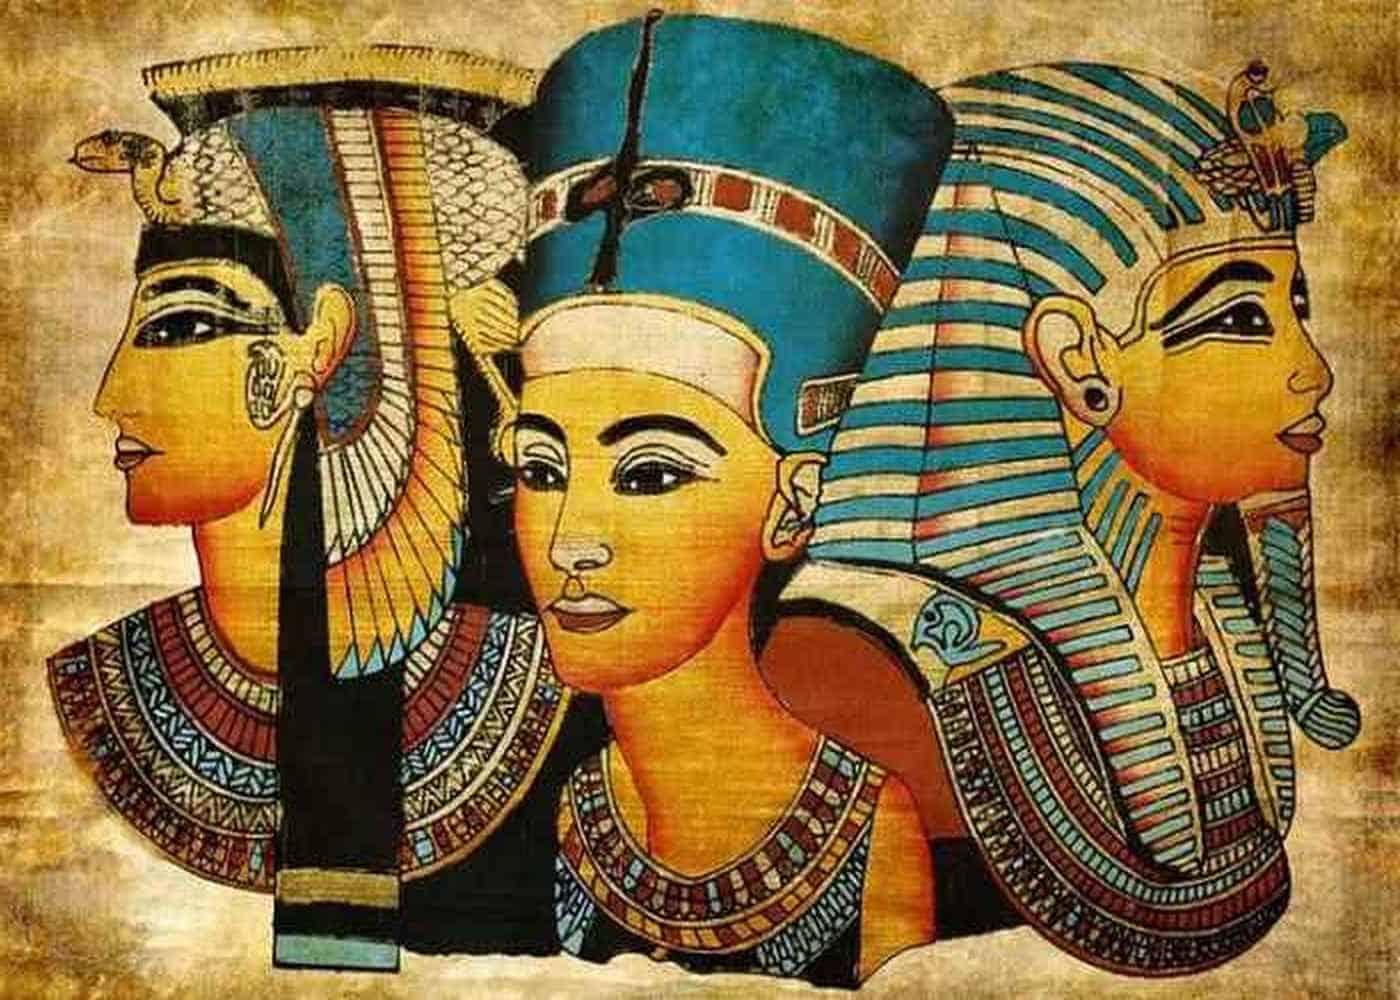 Одна из фресок с изображением Клеопатры. Написана через много лет после ее смерти